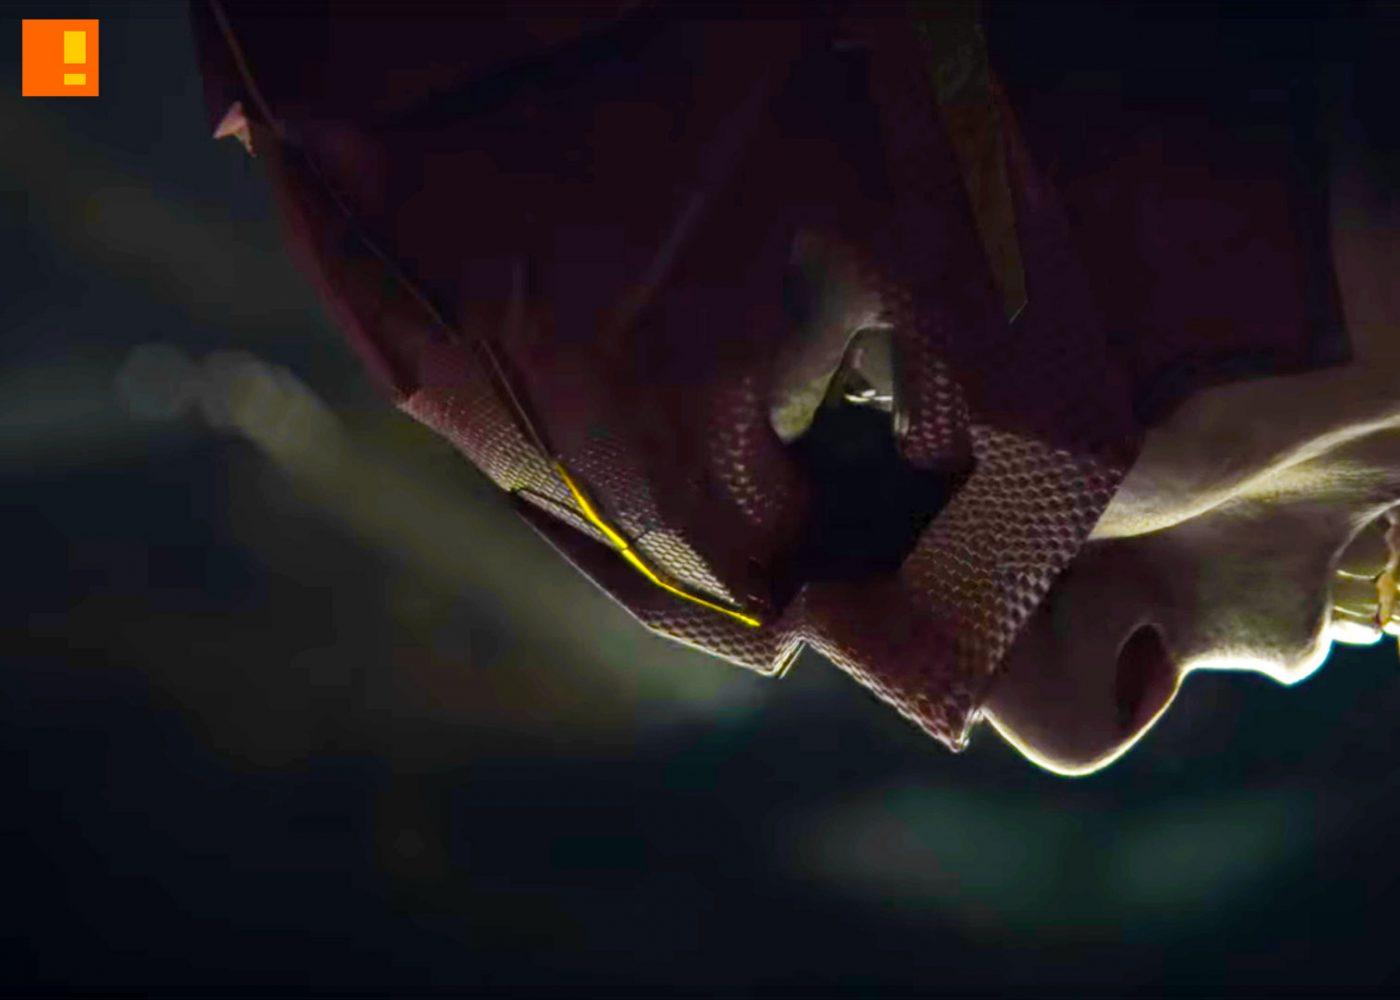 injustice 2, superman, wb games, dc comics, netherrealm studios , flash, supergirl, aquaman, kara zor el, batman, bruce wayne, clark kent, kal-el,battle, beat 'em up, the action pixel, entertainment on tap, injustice,